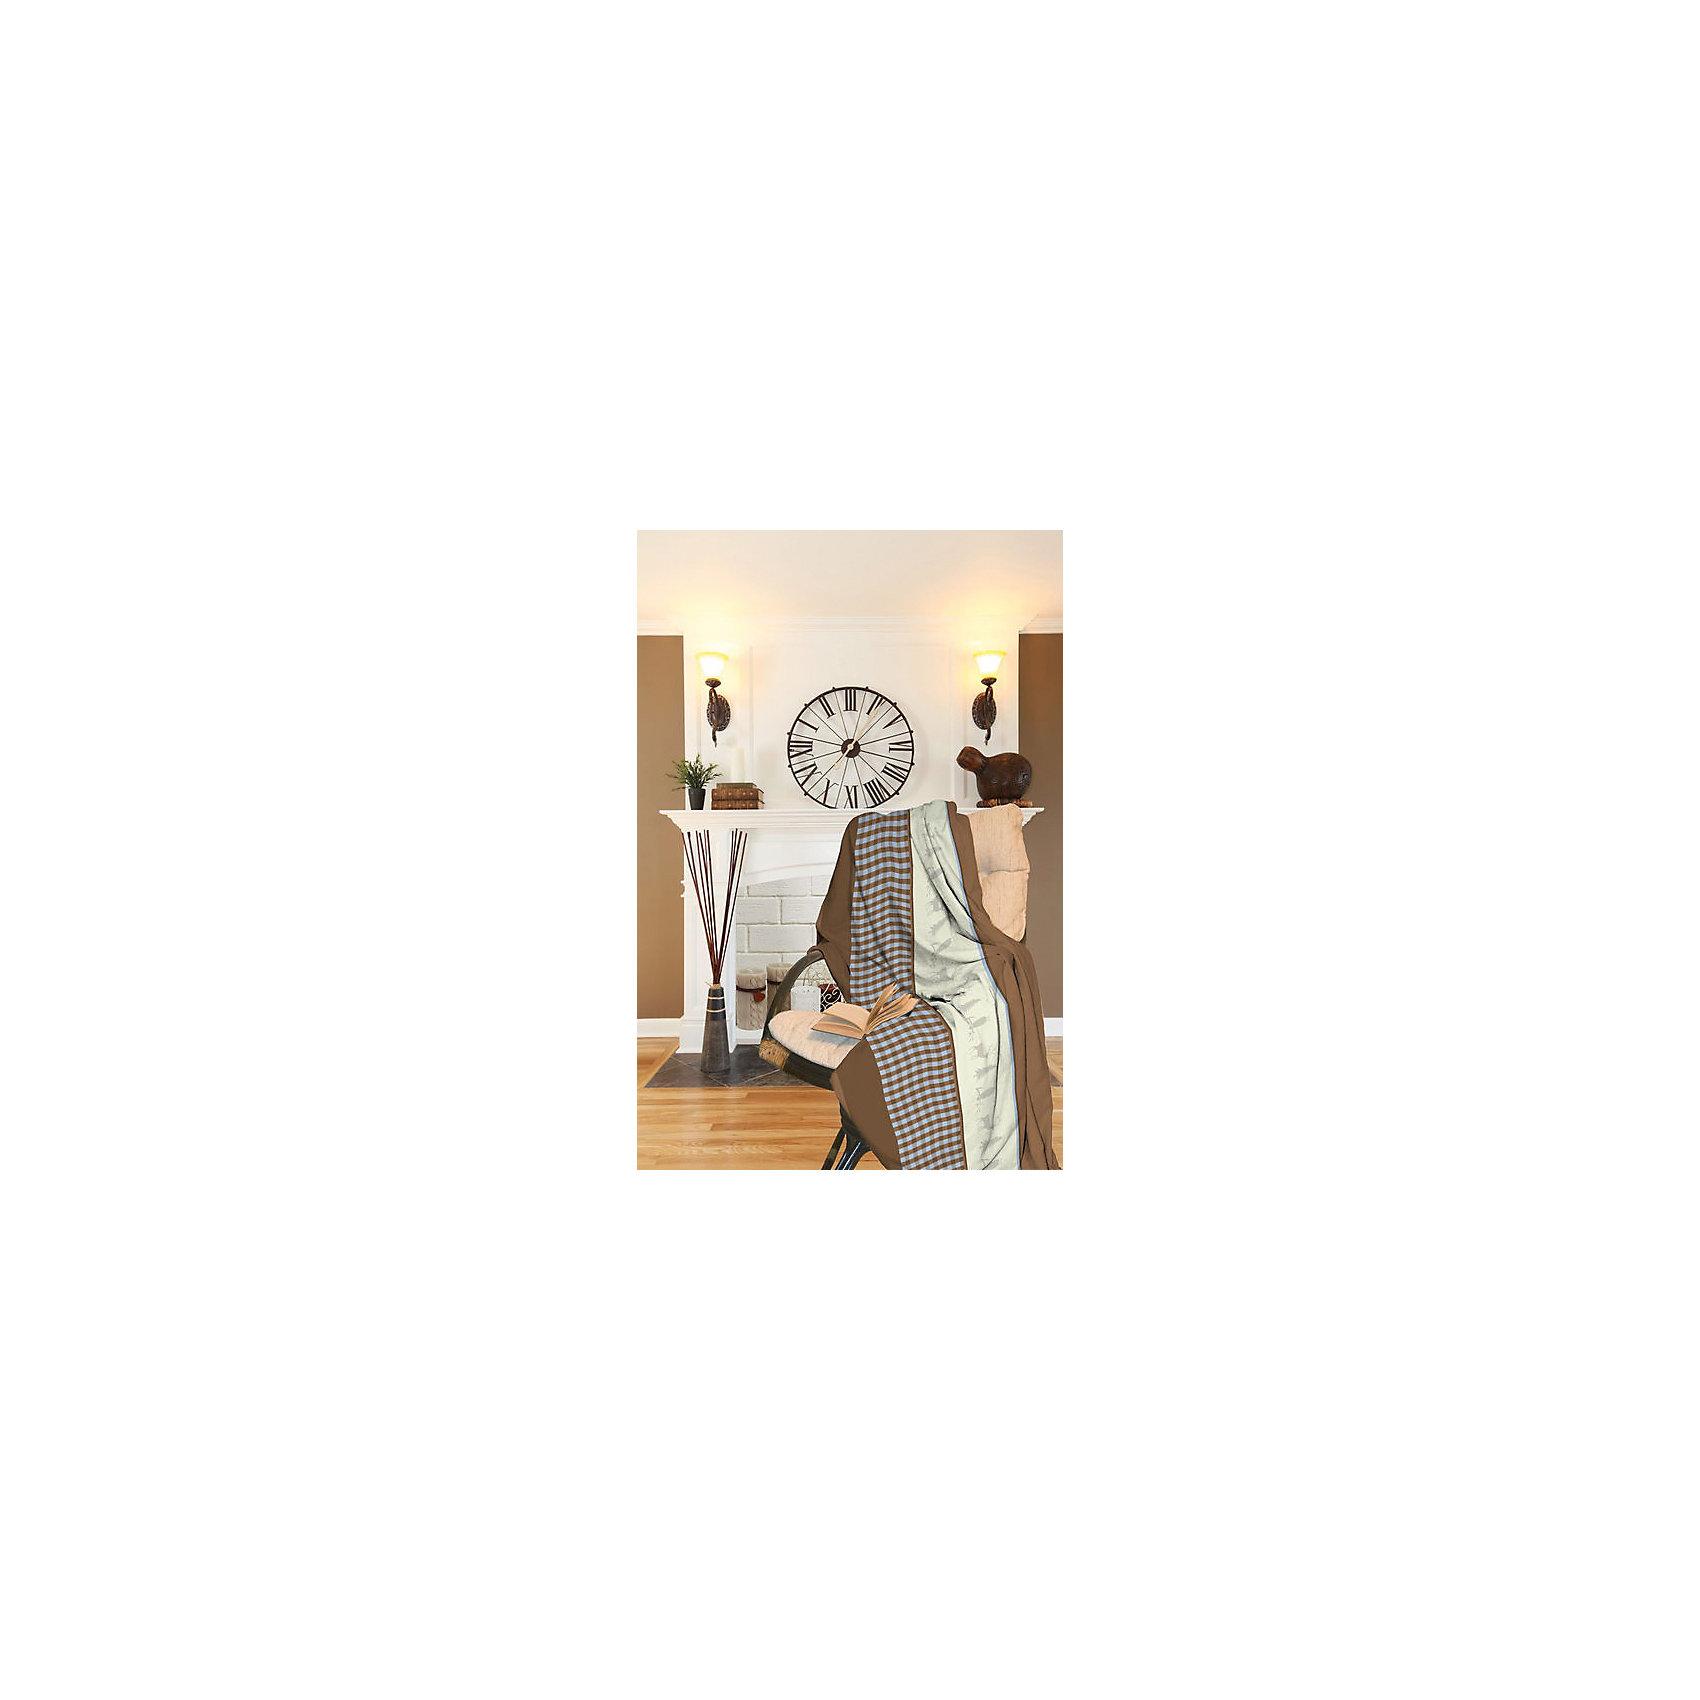 Покрывало Лес Клетка флис 150х200, ВасилисаПокрывало Лес. Клетка, флис 150х200, Василиса.<br><br>Характеристика:<br><br>• Материал: 100% полиэстер. <br>• Размер: 150х200 см. <br>• Стильная привлекательная расцветка. <br>• Не линяет, не выцветает. <br><br>Мягкое флисовое покрывало отлично впишется в интерьер комнаты. Покрывало изготовлено из высококачественных материалов, не мнется, не линяет во время стирки, не выцветает, очень приятно на ощупь. В сложенном виде занимает очень мало места, его удобно брать с собой в поездки и путешествия, использовать в качестве легкого пледа. <br><br>Покрывало Лес. Клетка, флис 150х200, Василиса, можно купить в нашем интернет-магазине.<br><br>Ширина мм: 350<br>Глубина мм: 120<br>Высота мм: 120<br>Вес г: 500<br>Возраст от месяцев: 120<br>Возраст до месяцев: 216<br>Пол: Унисекс<br>Возраст: Детский<br>SKU: 5115703